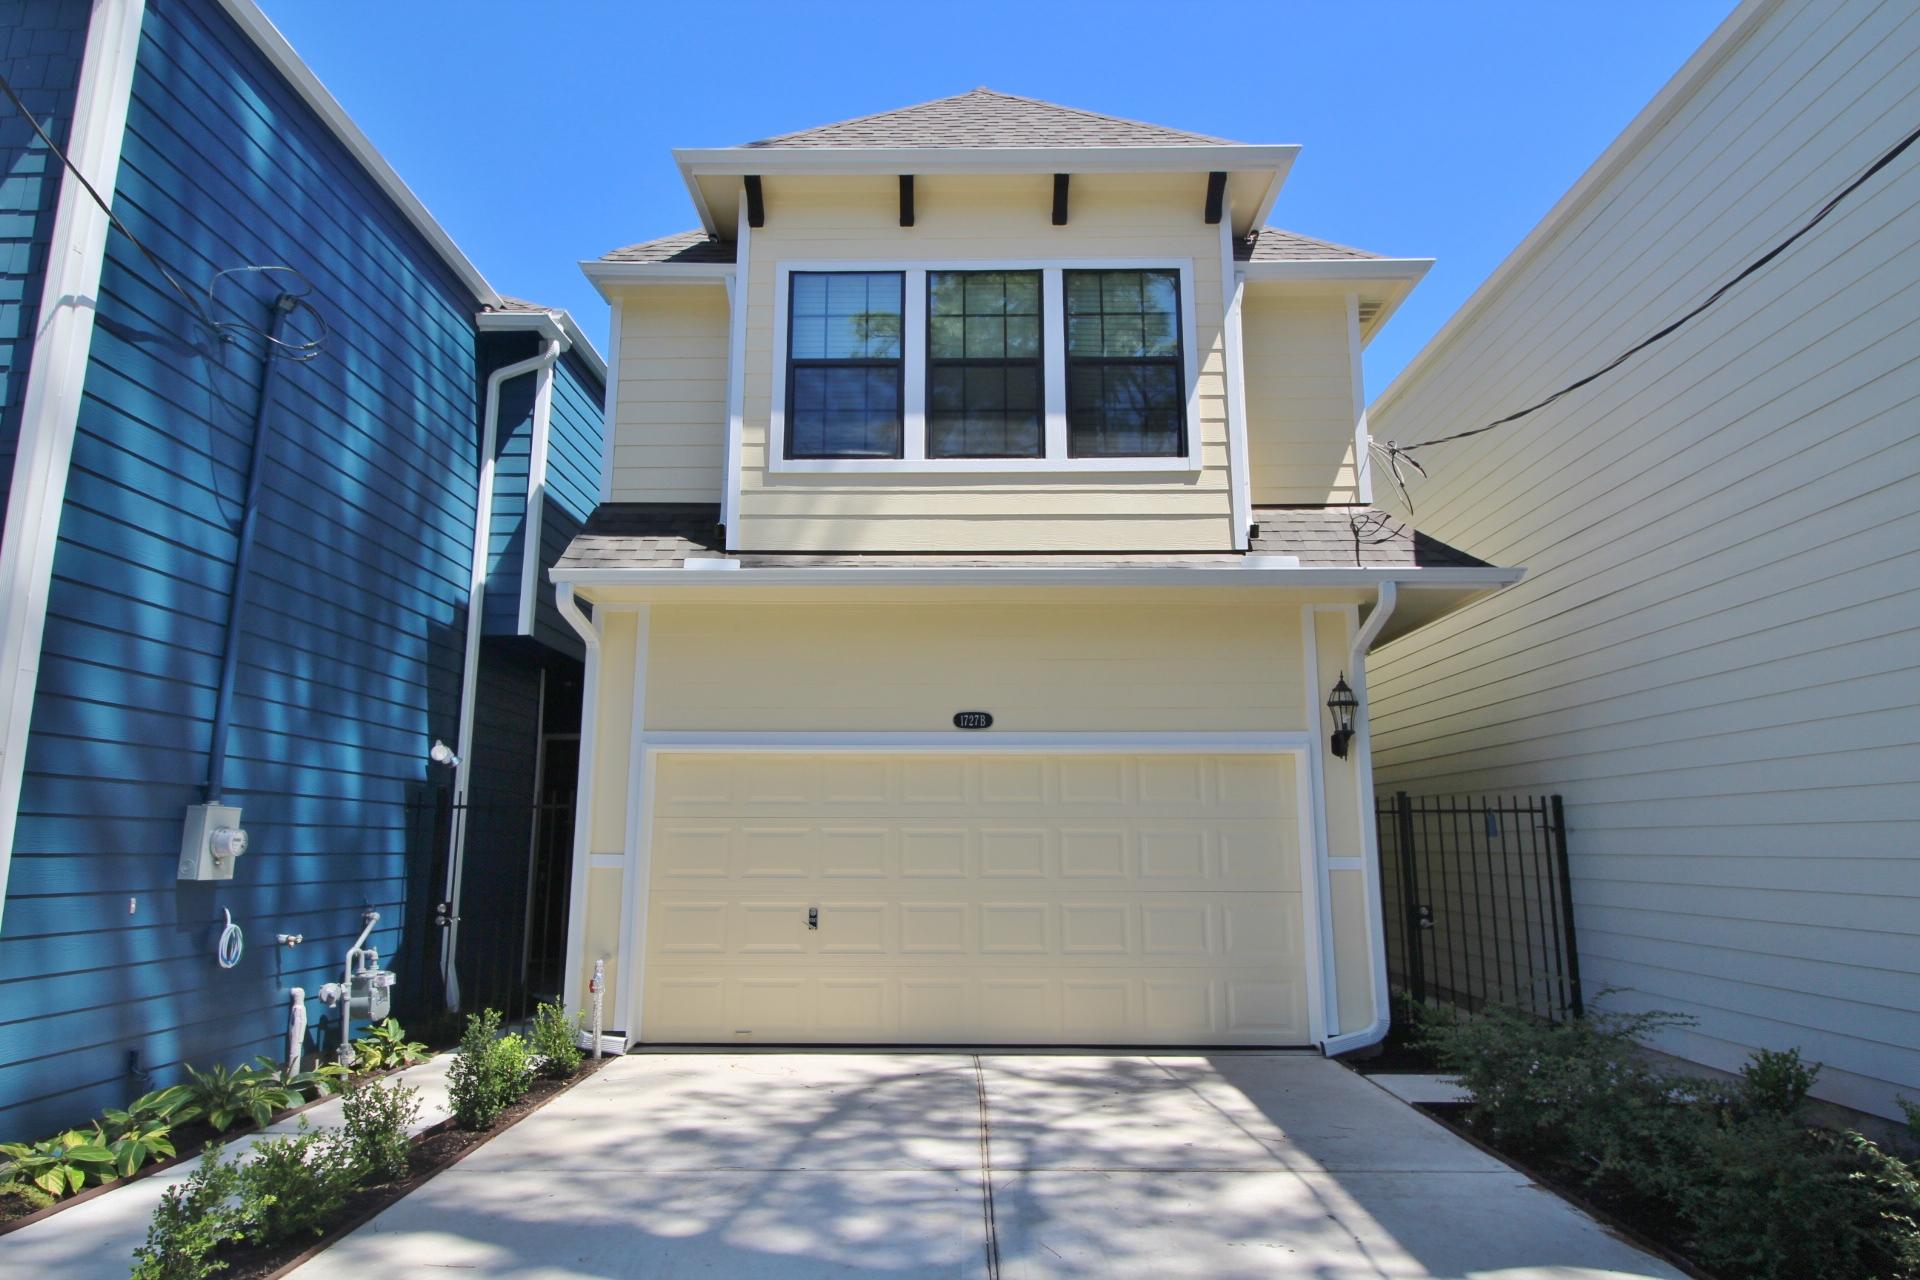 Best Kitchen Gallery: Premier Home Builder In Houston Inner Loop Sandcastle Homes of Sandcastle Homes Houston on rachelxblog.com